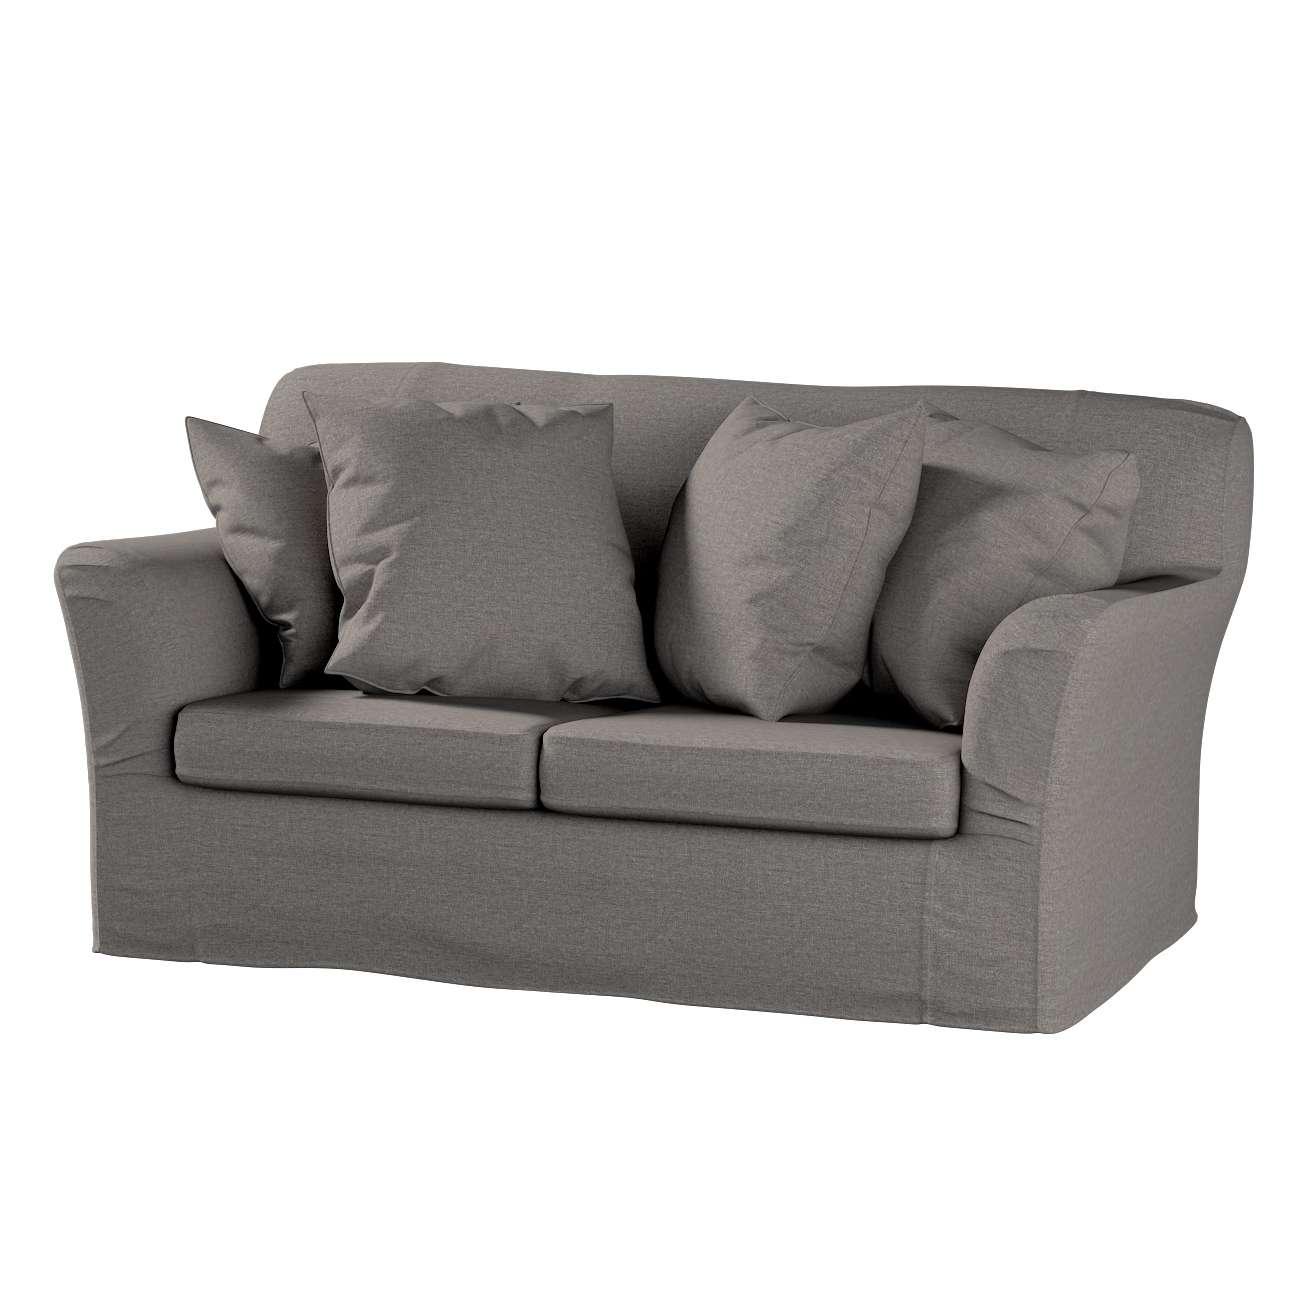 TOMELILLA  dvivietės sofos užvalkalas TOMELILLA dvivietė sofa kolekcijoje Edinburgh , audinys: 115-77